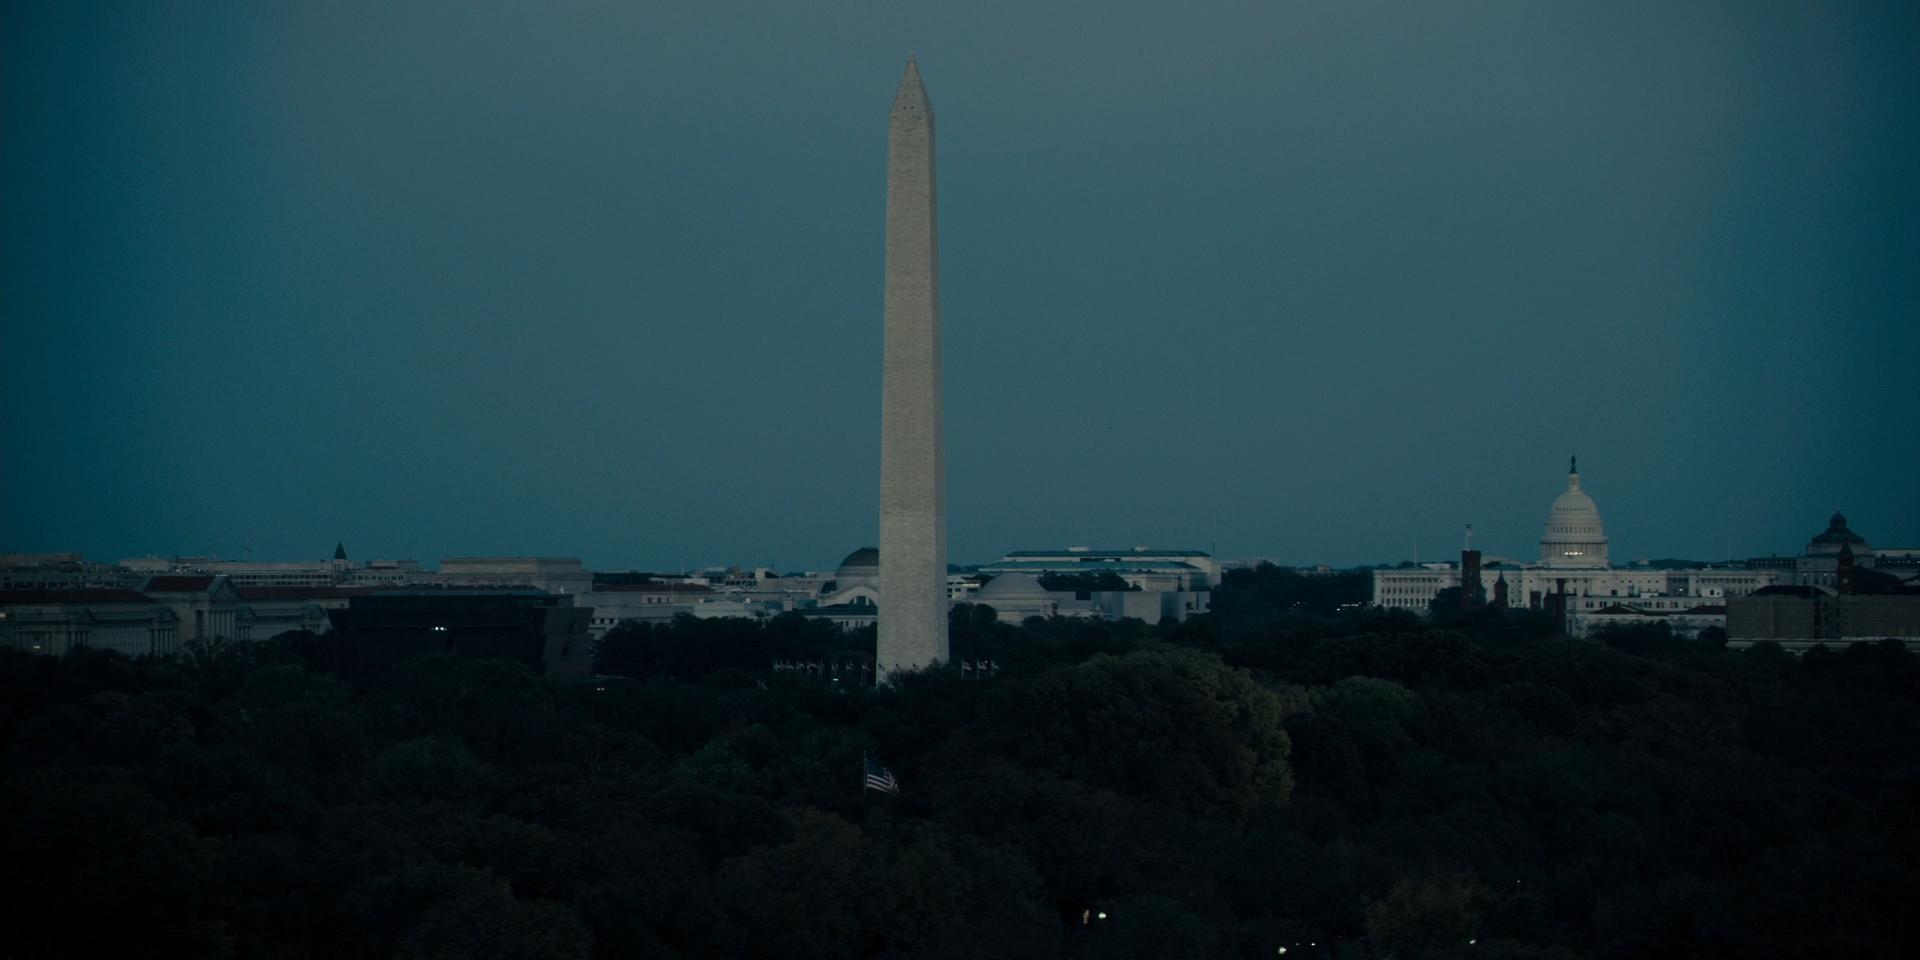 Изображение для Уотергейт. Крушение Белого дома / Mark Felt: The Man Who Brought Down the White House (2017) BDRip 1080p   Лицензия (кликните для просмотра полного изображения)